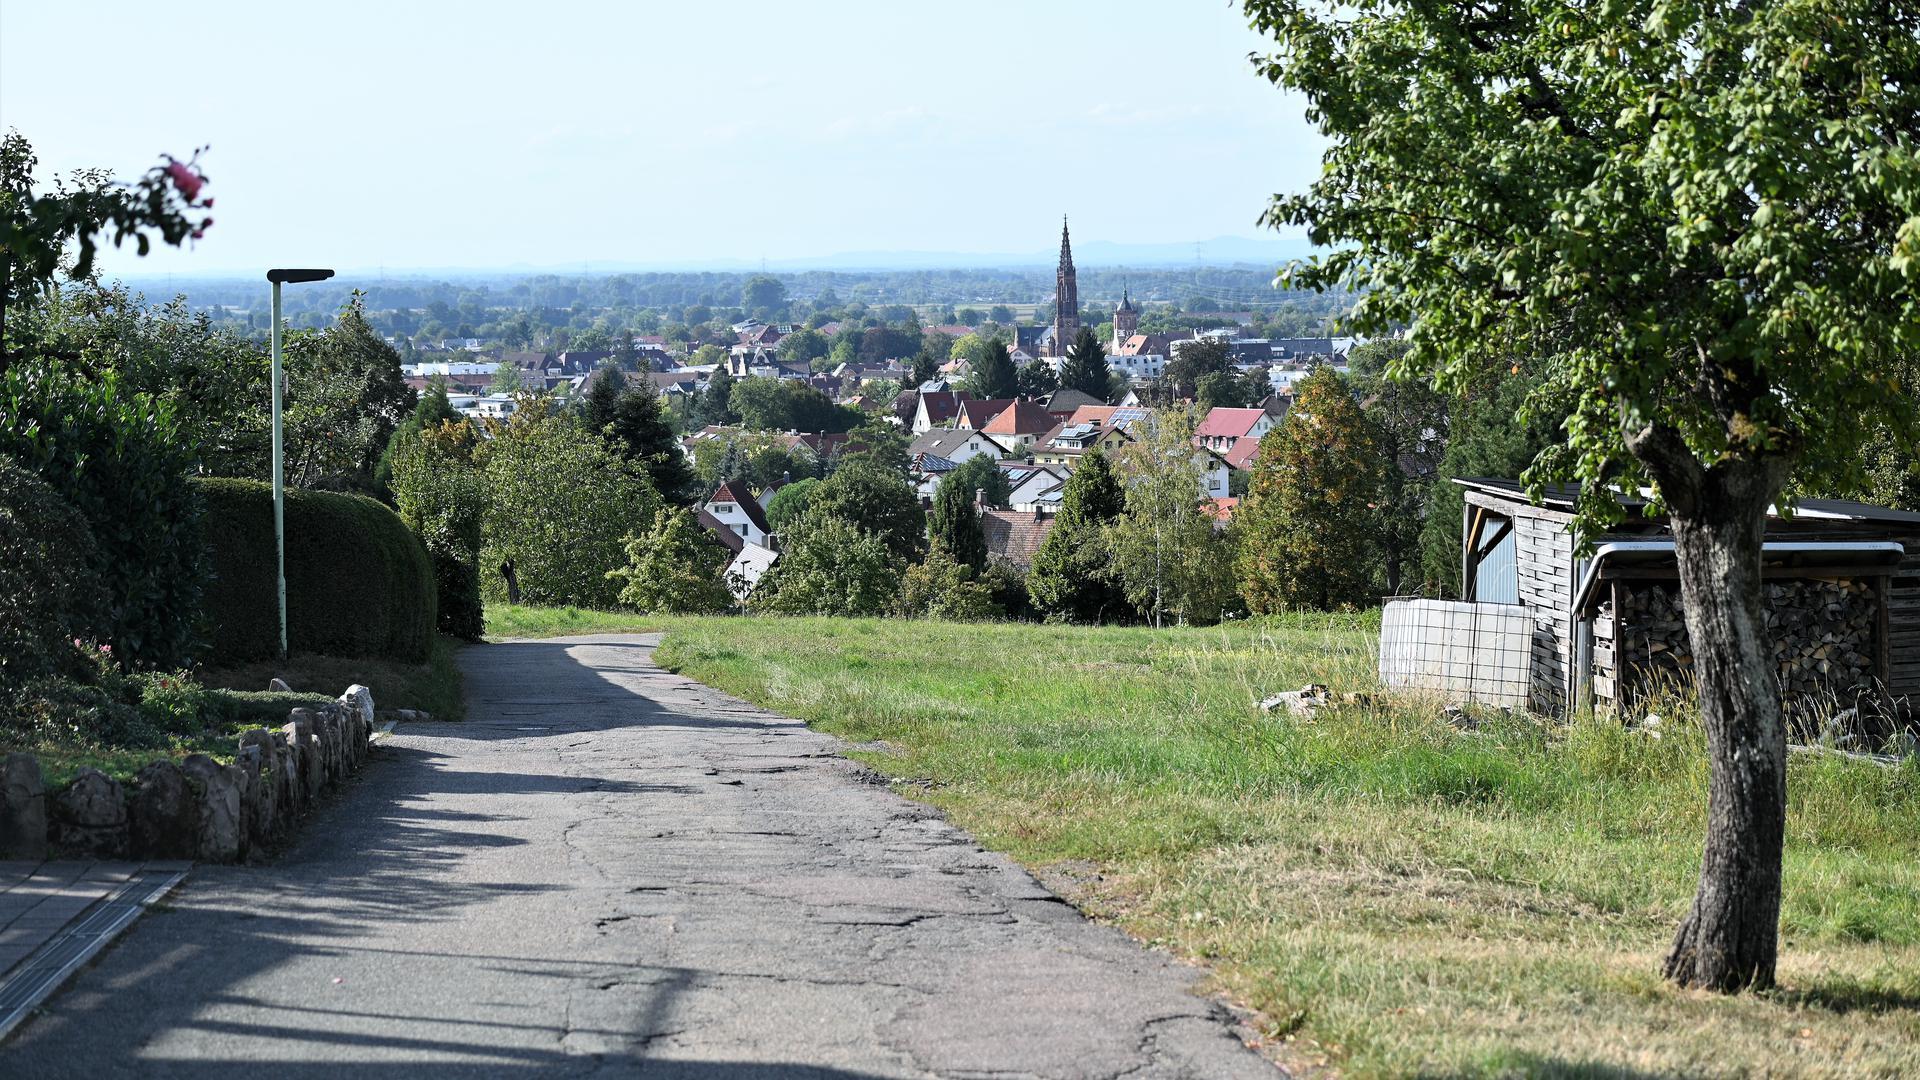 Tolle Aussicht: Der spektakuläre Blick auf Bühl entschädigt die Anwohner des Hinterfeldwegs aber nicht für die drohenden Straßenerschließungskosten. Rechts soll das Neubaugebiet entstehen.